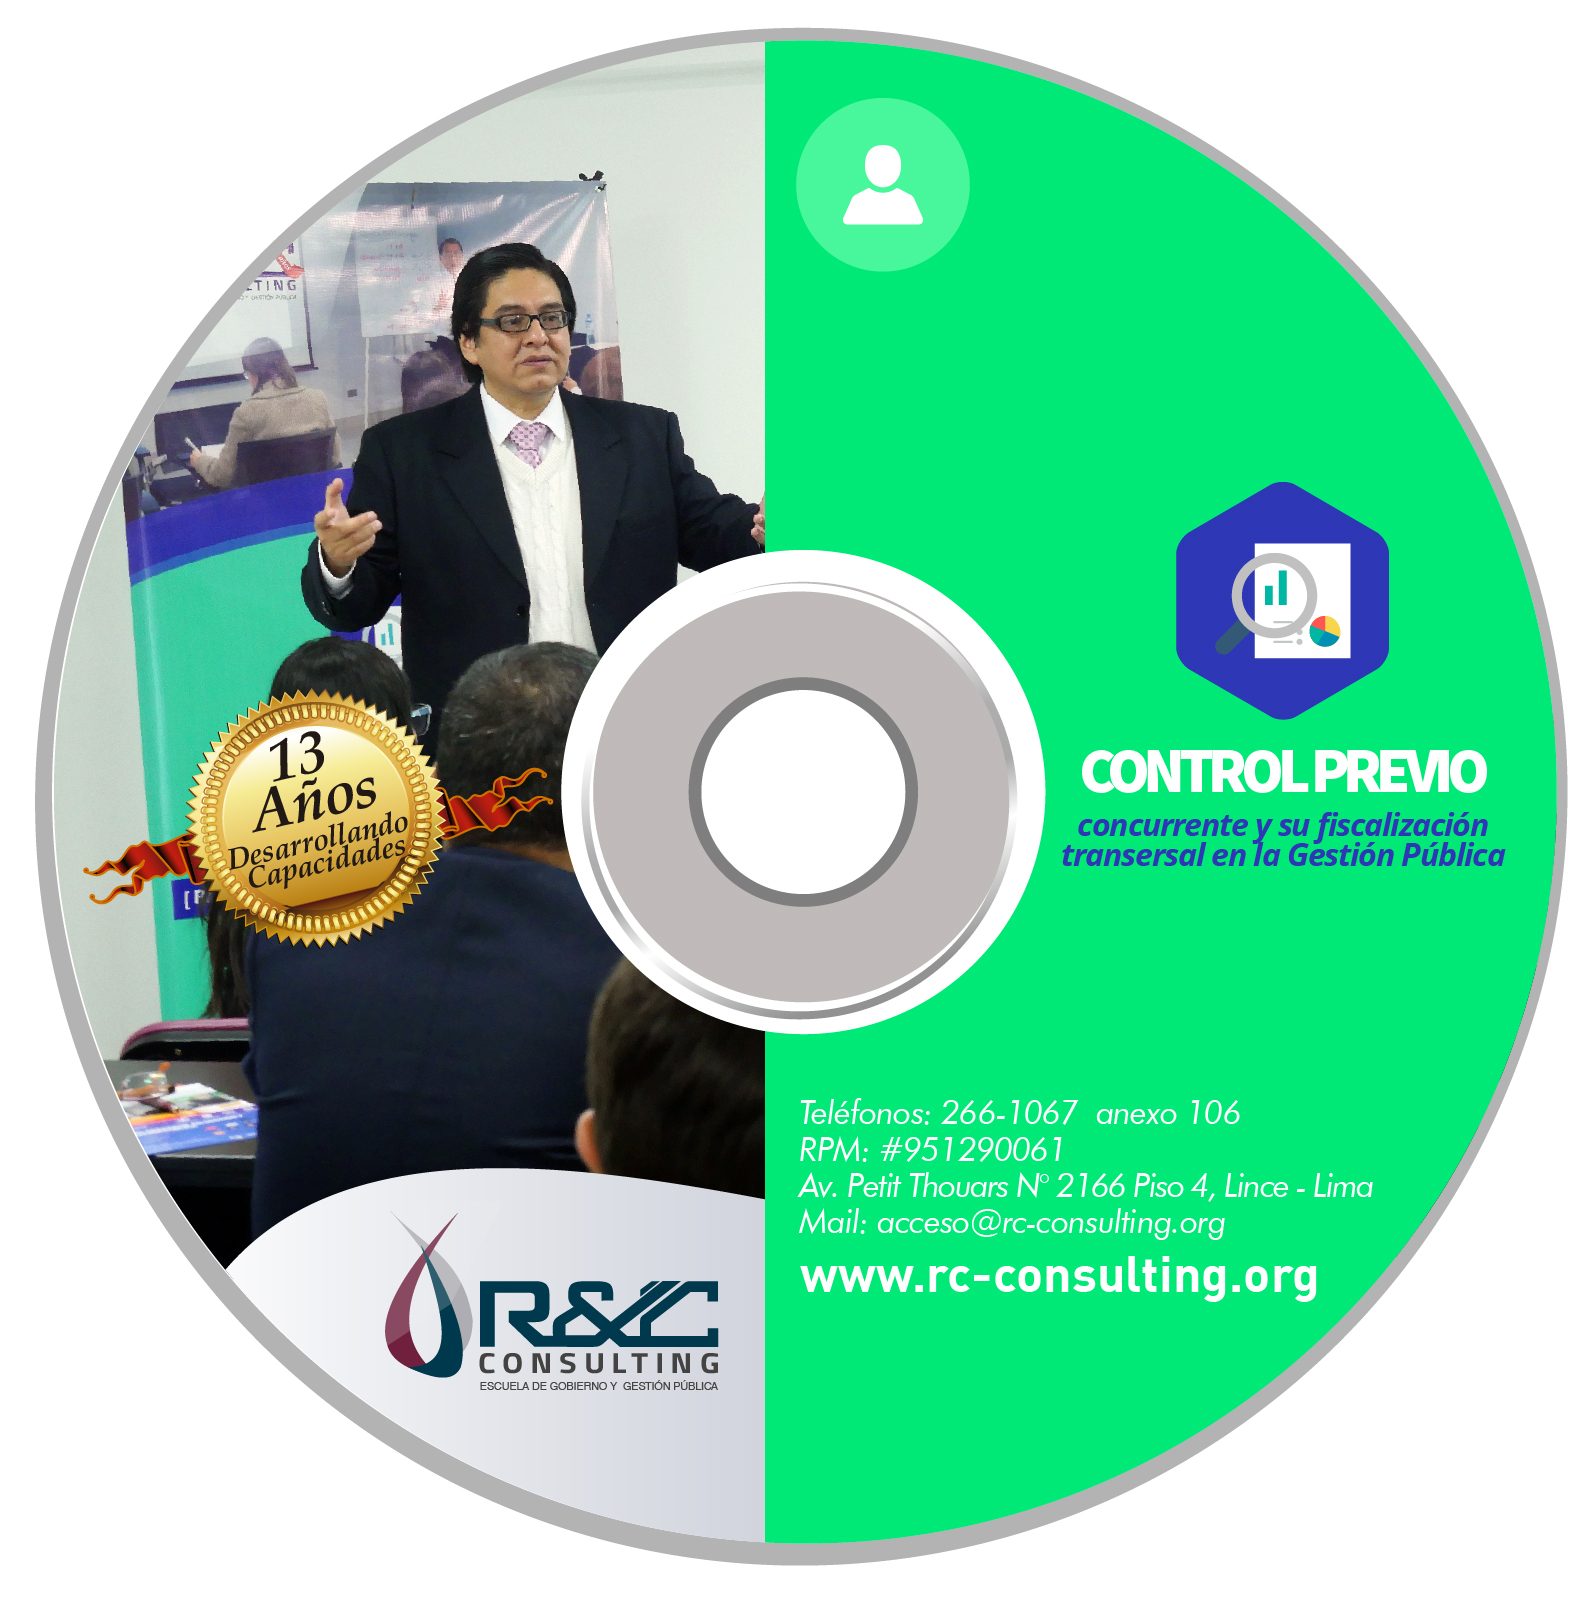 PRESENCIAL CONTROL PREVIO Capacitacion de Gestion Publica en DVD